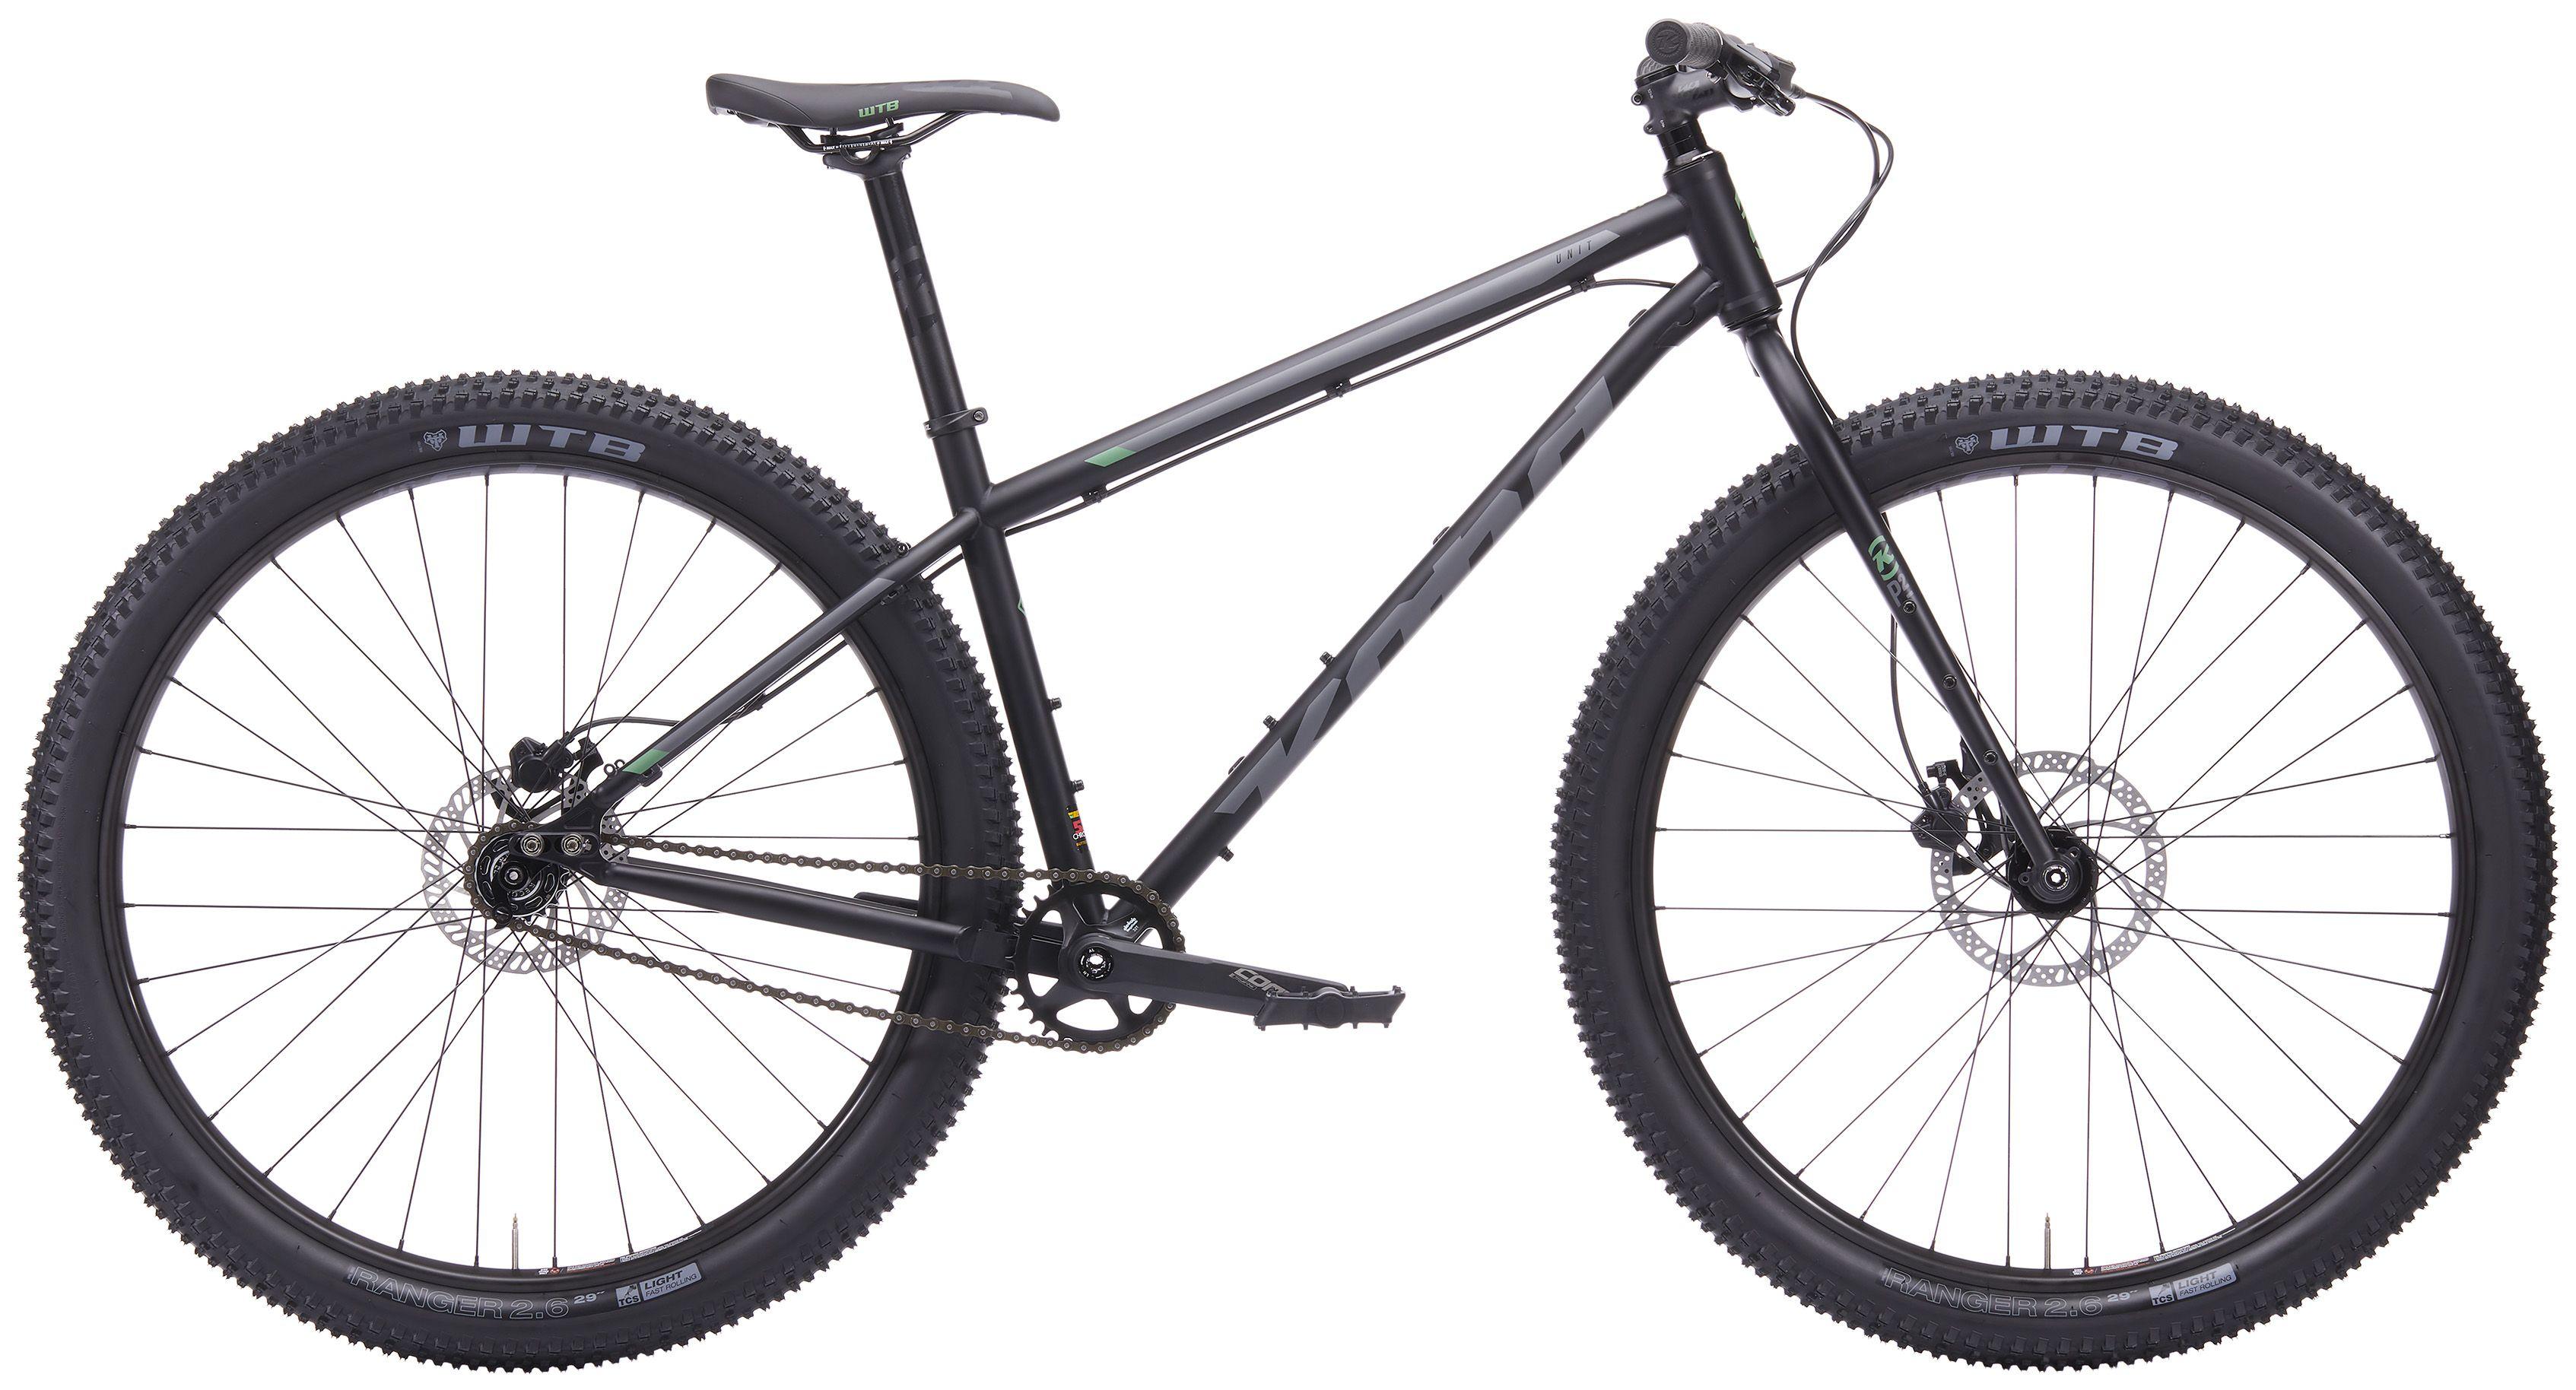 Kona Unit 29er Mountain Bike 2020 | Mountainbikes